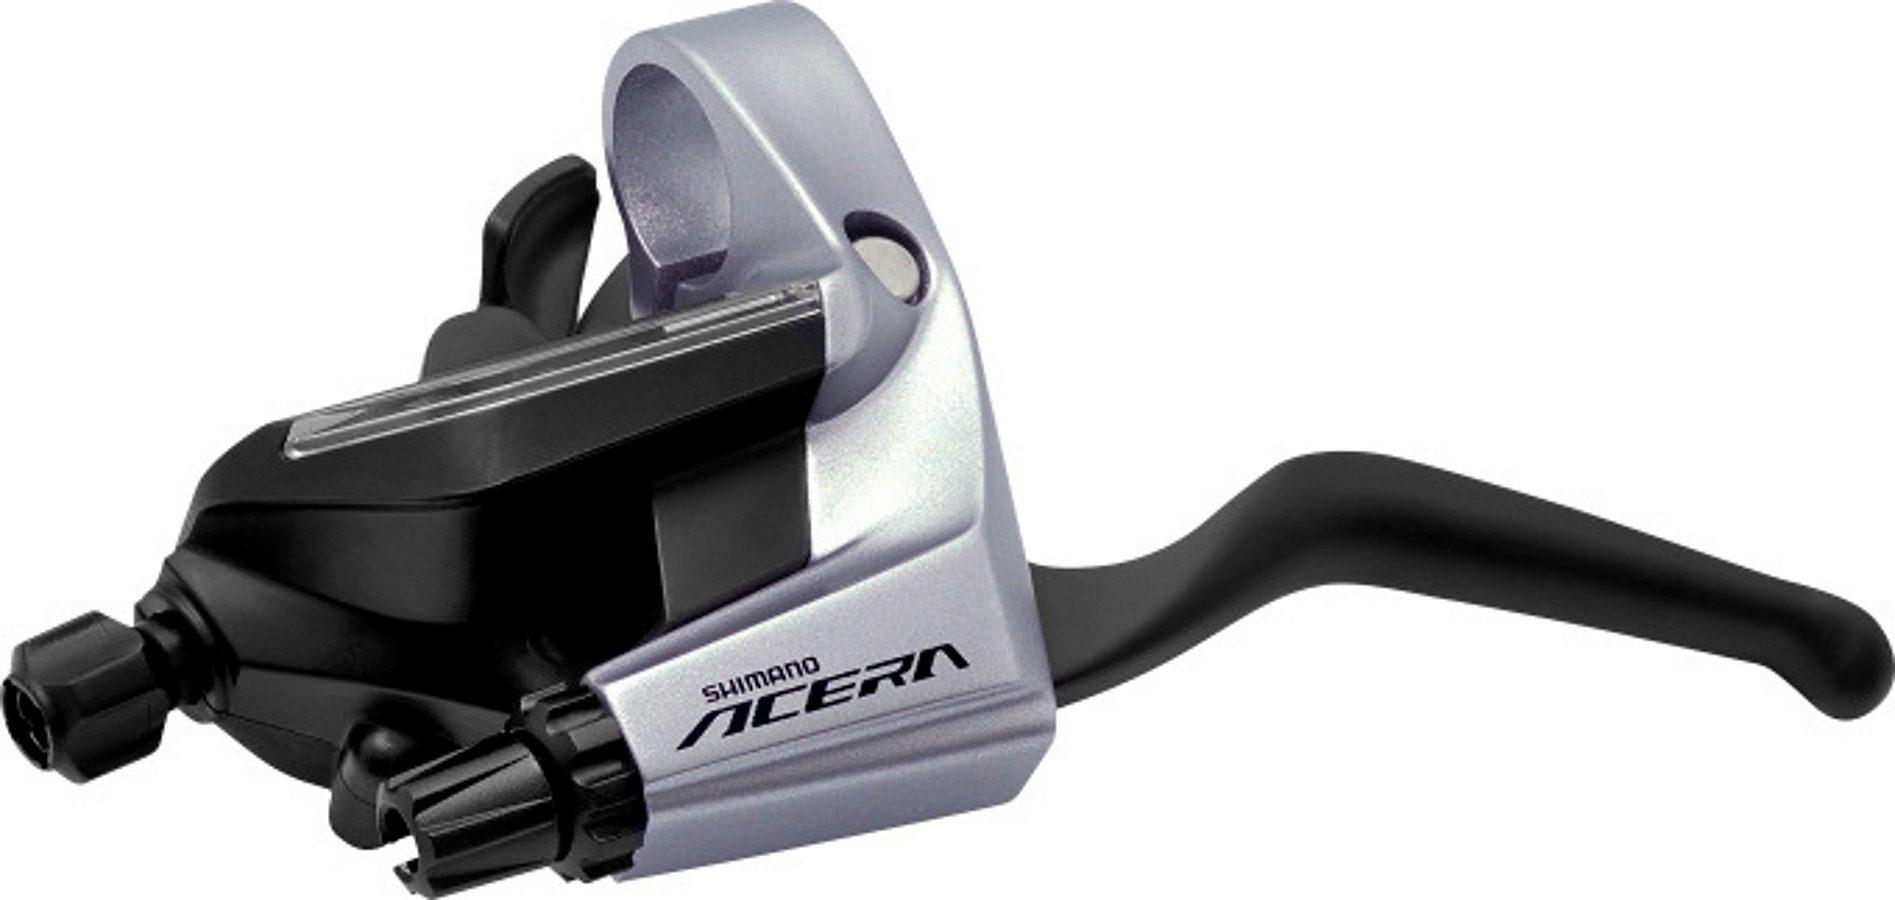 Shimano Schaltung »Acera ST-T3000 Schalt-/Bremshebel 9-fach HR«